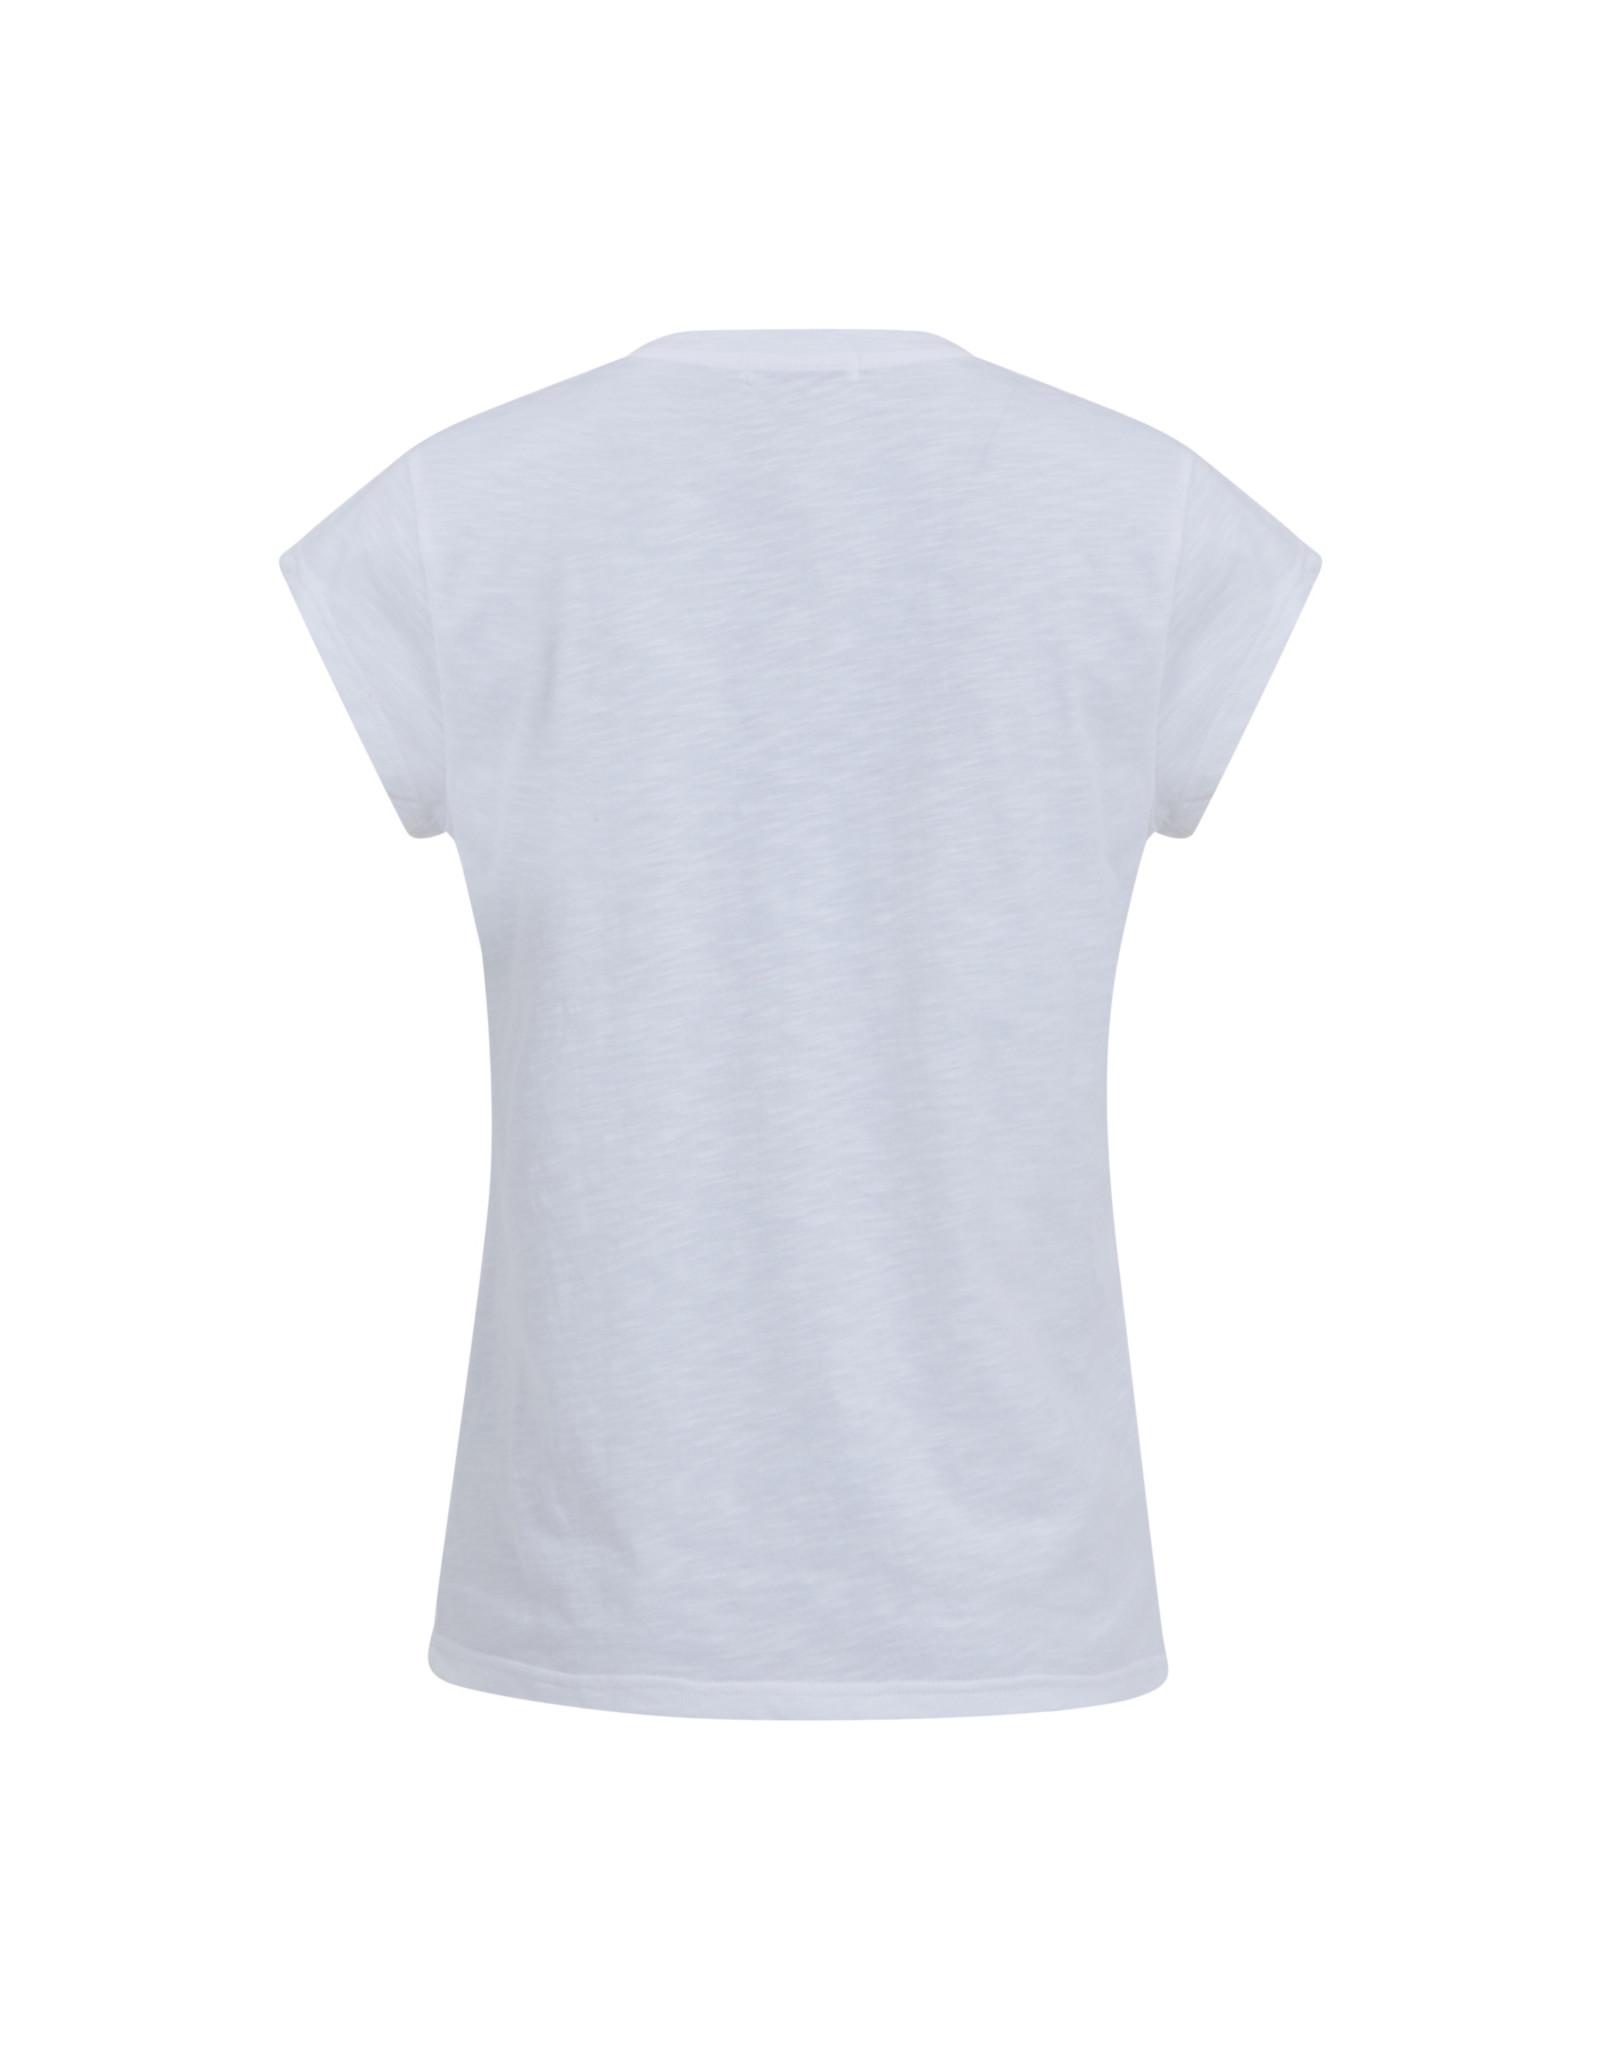 Coster Copenhagen T-shirt Butterfly Wit